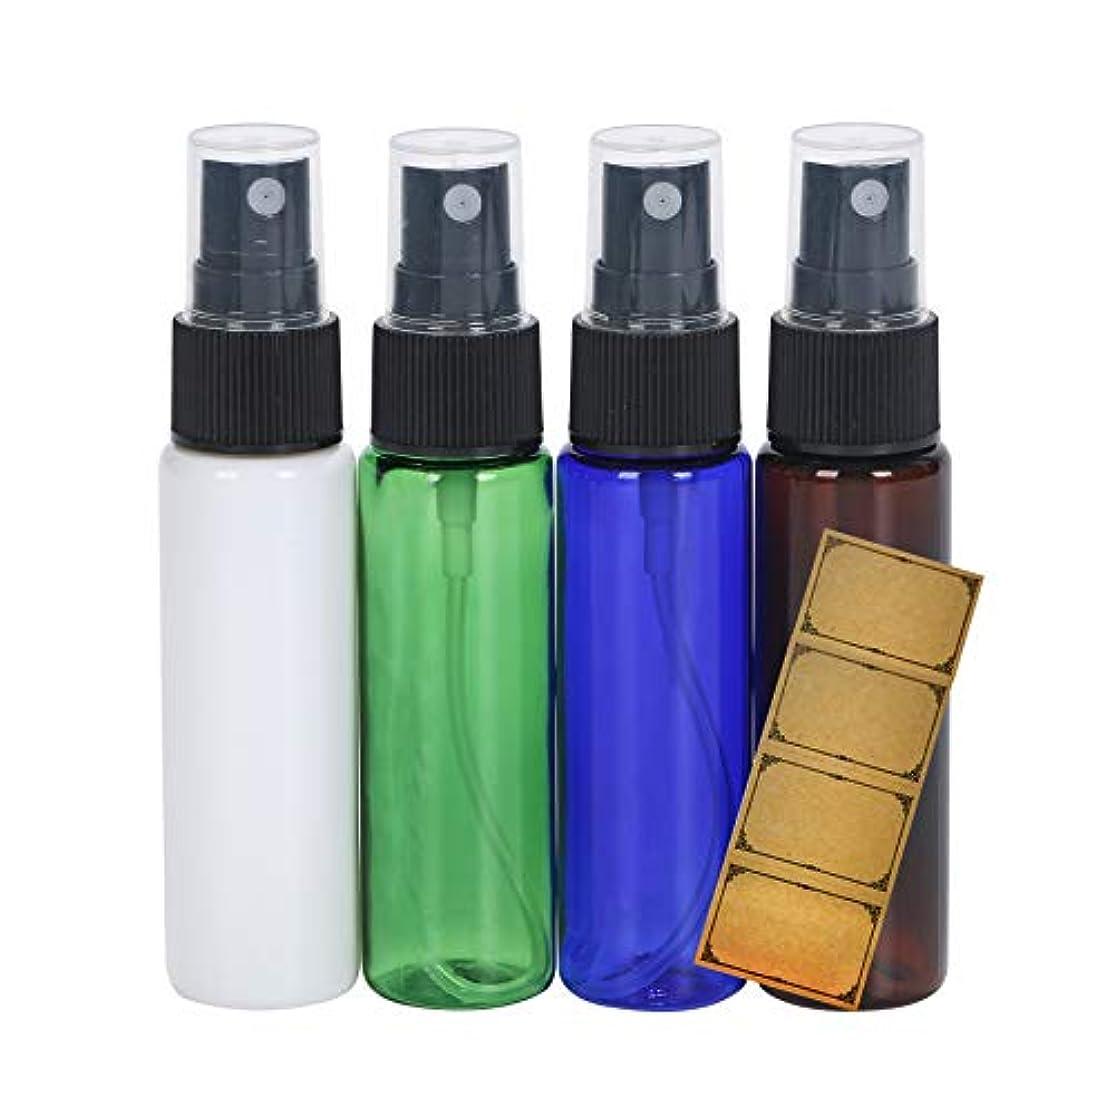 傀儡ラボ交換スプレーボトル 30ml 4本 オリジナルラベルシール付き 遮光 PET製 (4色(青、緑、茶、白))